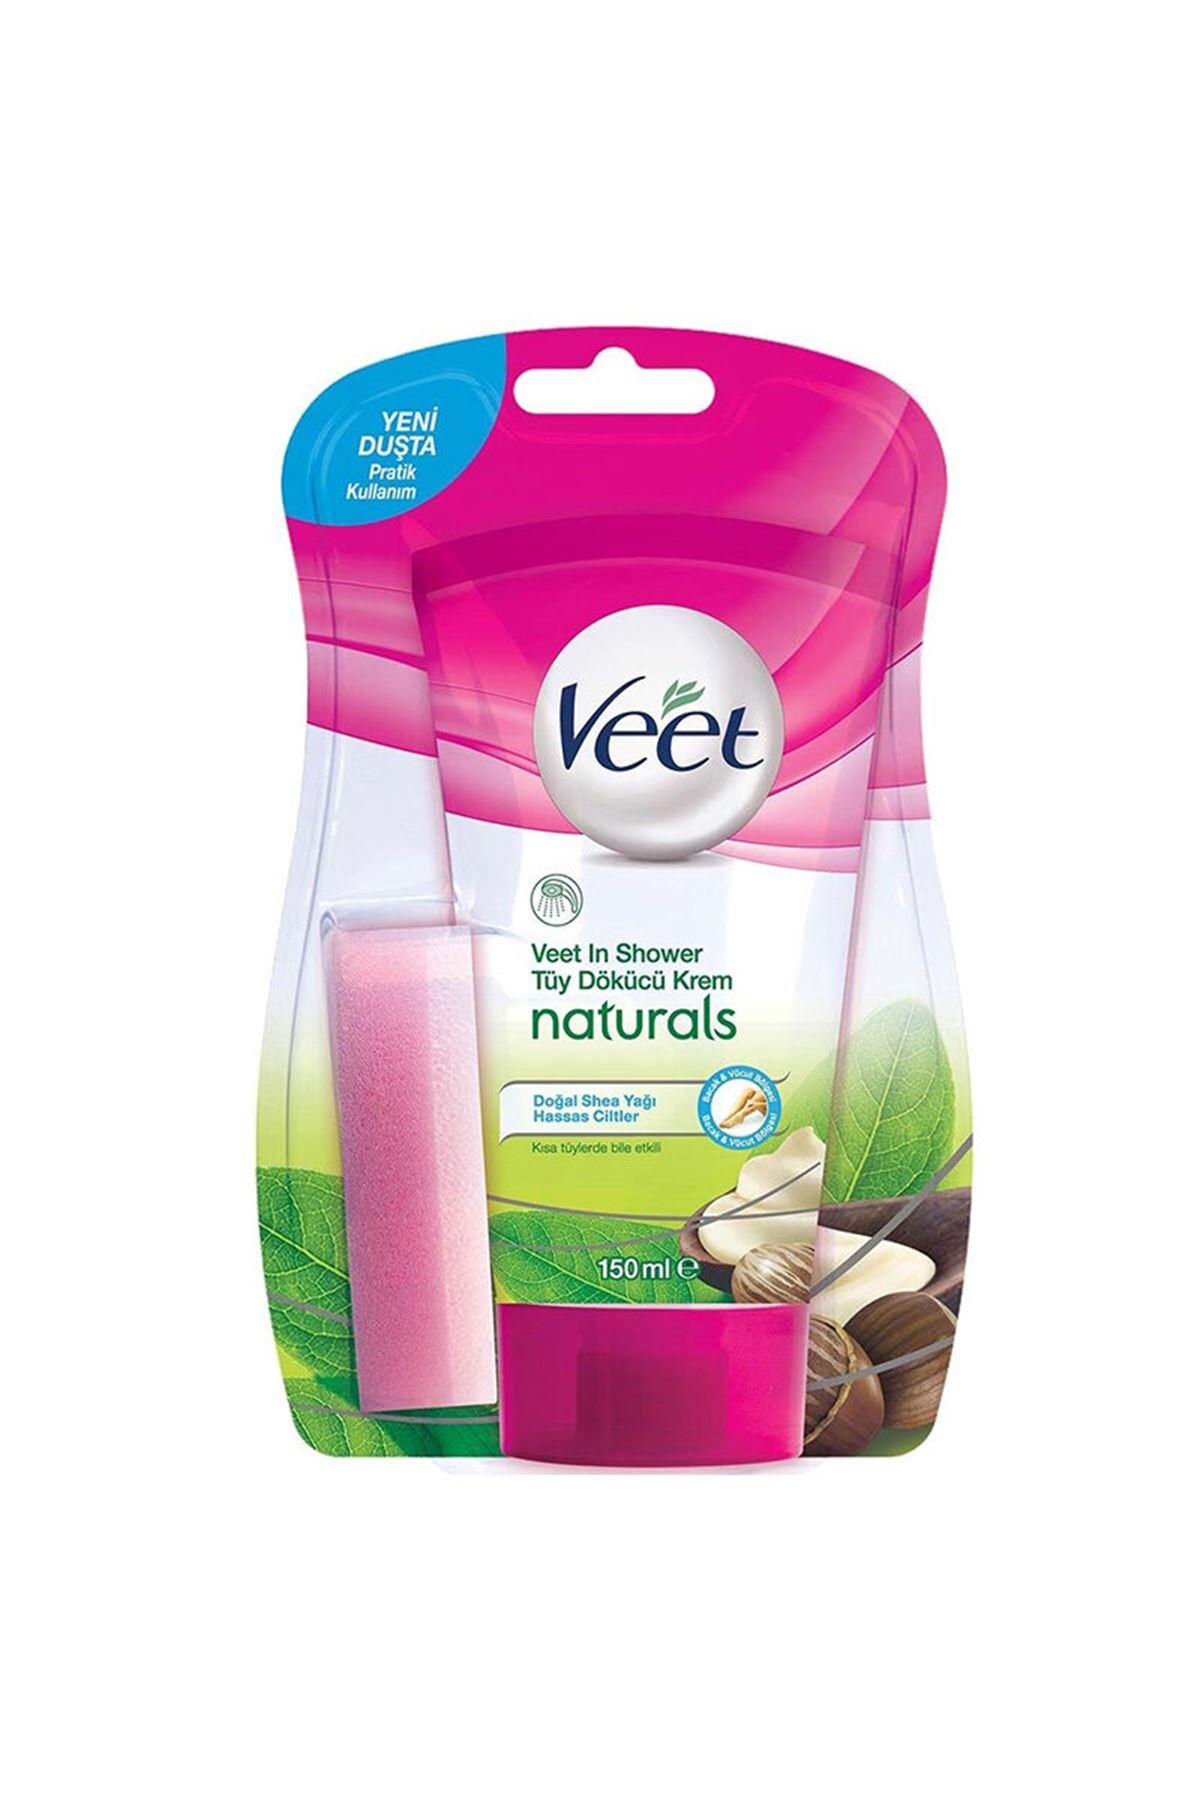 Veet Naturals Shea Yağı Hassas Ciltler İçin Tüy Dökücü Duşta Krem 150 ml